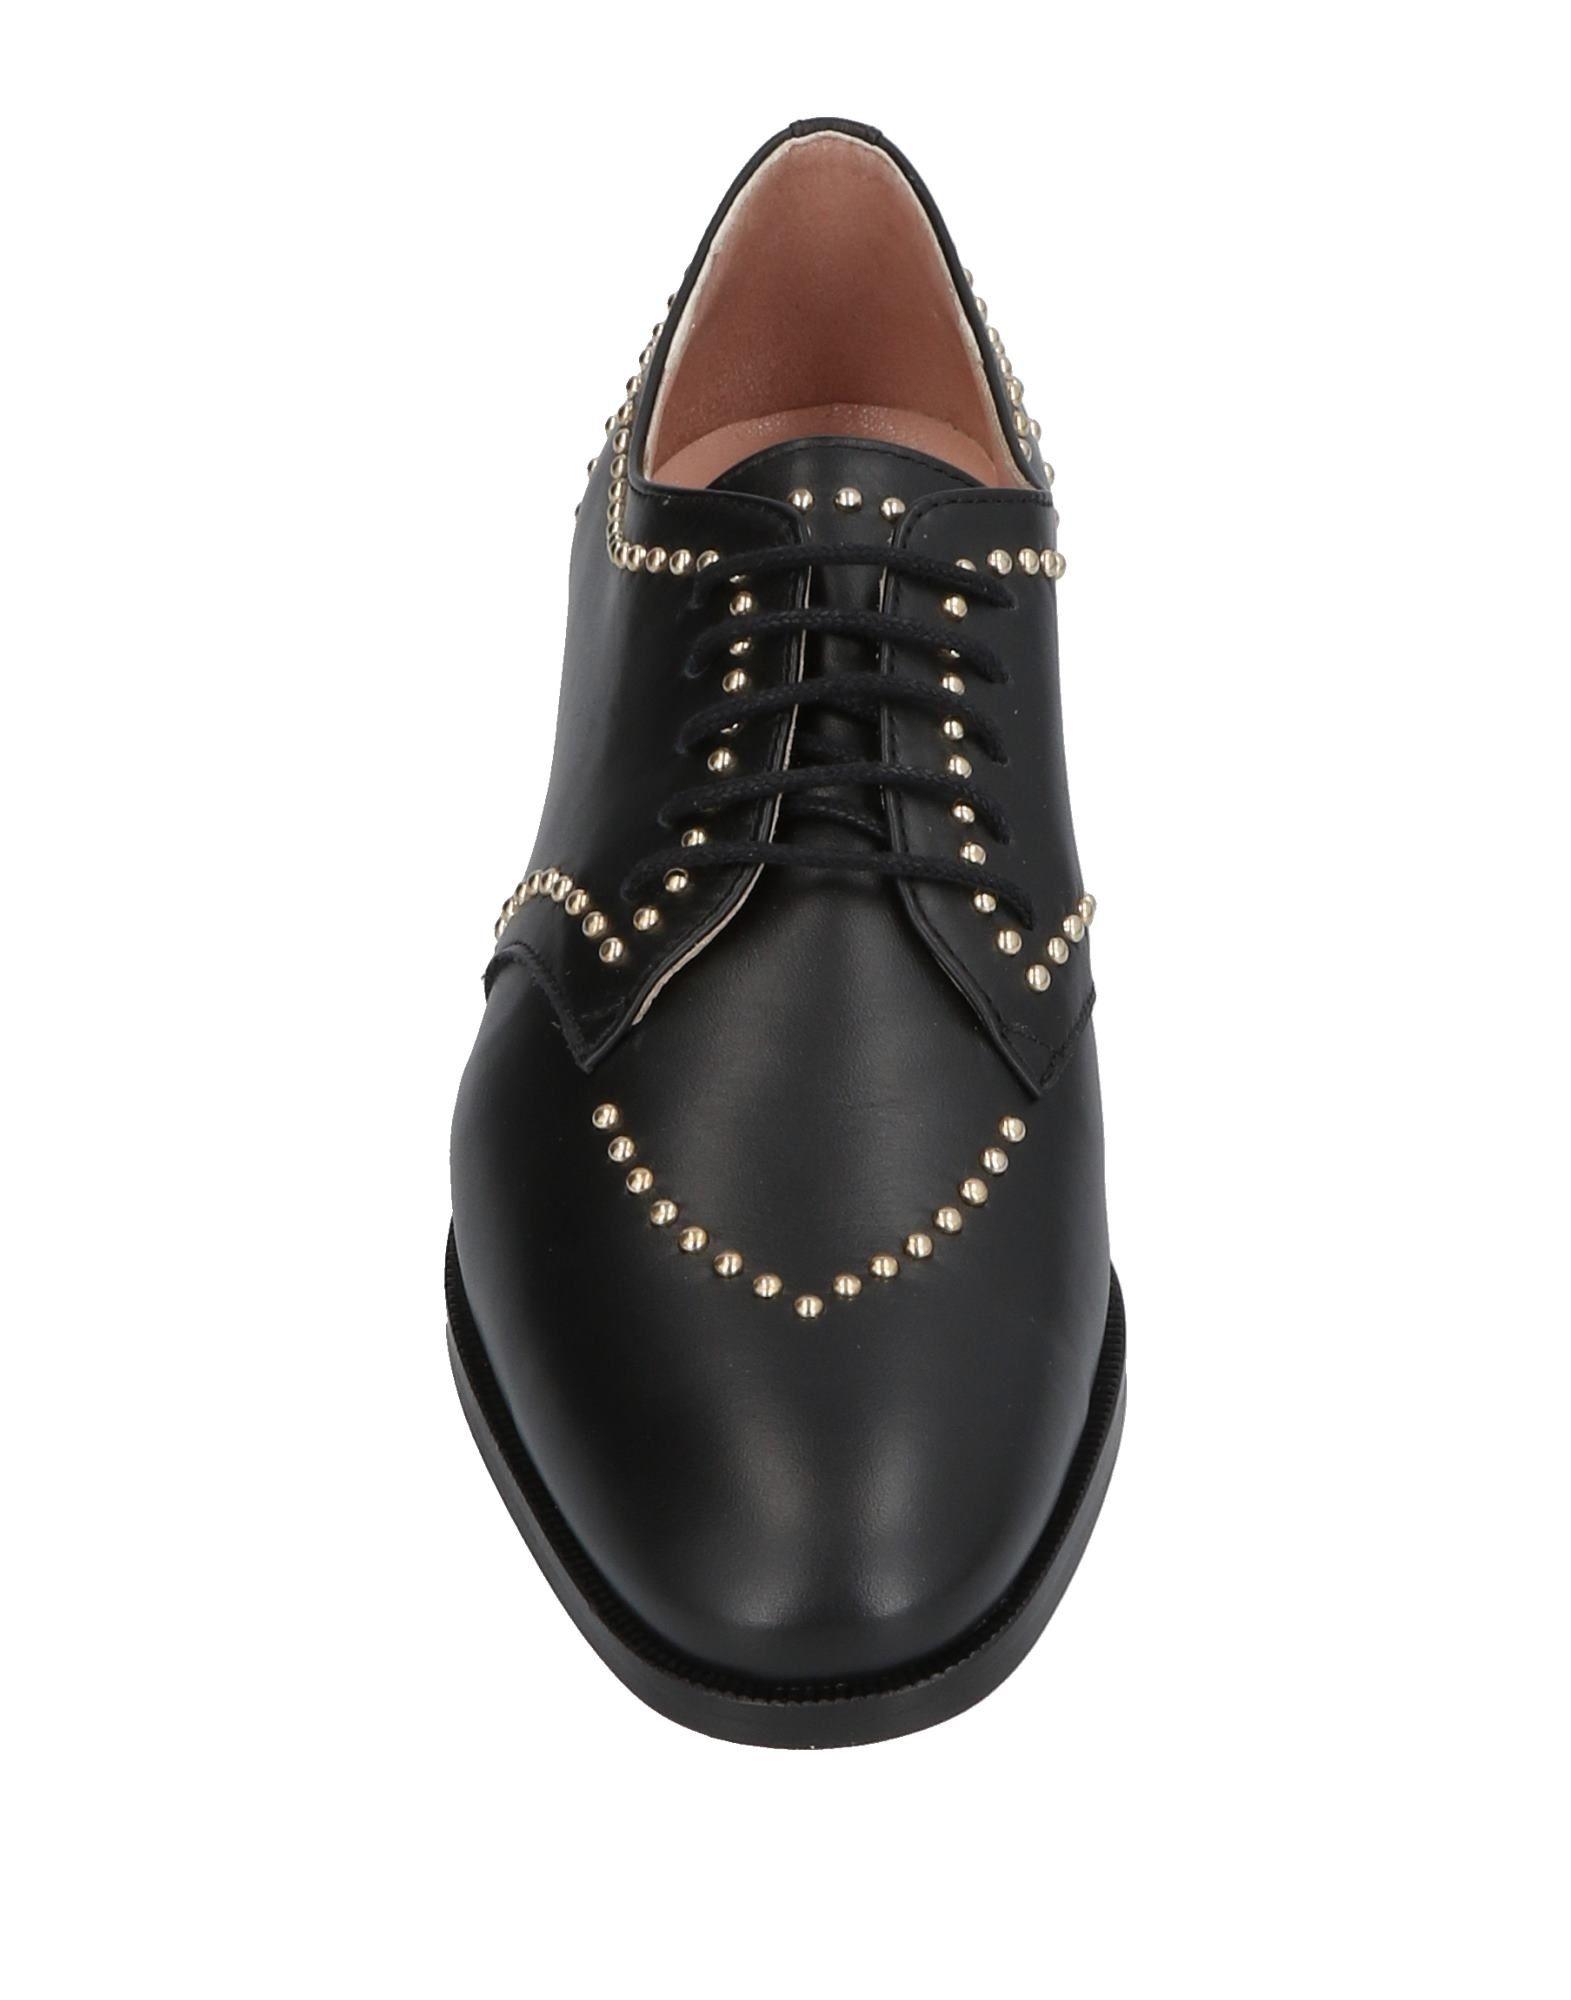 Stilvolle billige Schuhe Boutique Moschino 11446023EO Schnürschuhe Damen  11446023EO Moschino 638db7